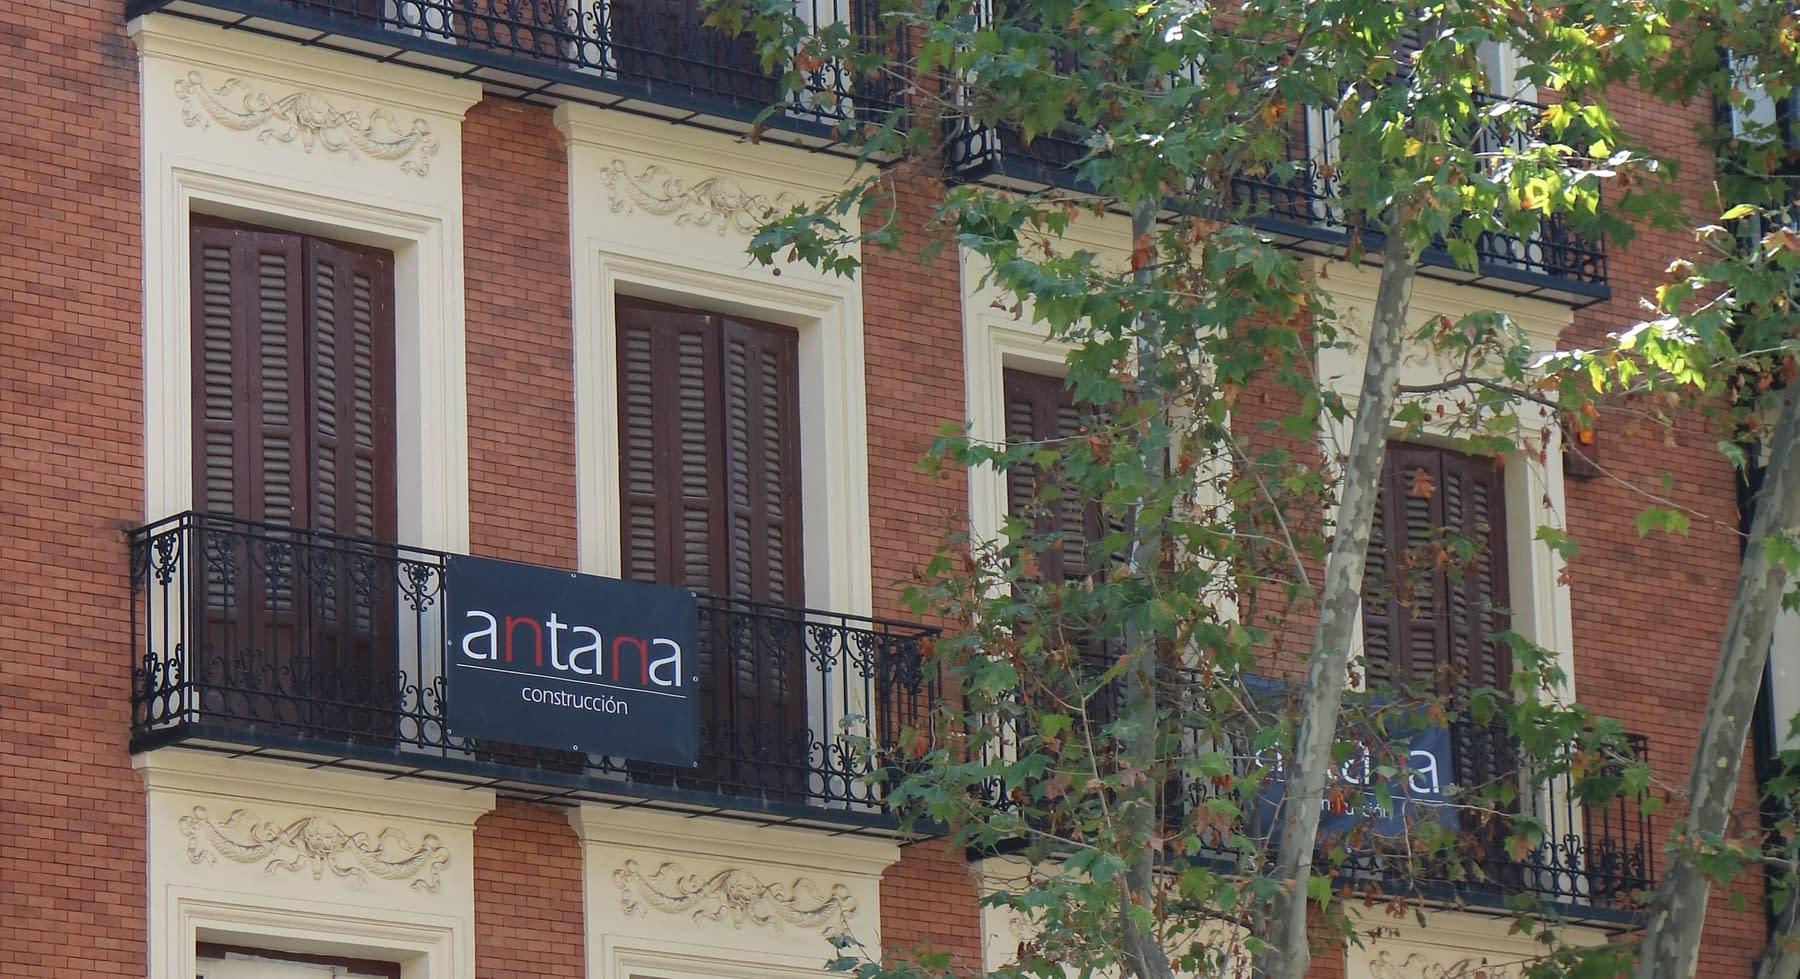 , Antana comienza la segunda fase de la rehabilitación del edificio situado en la calle Antonio Maura 8.